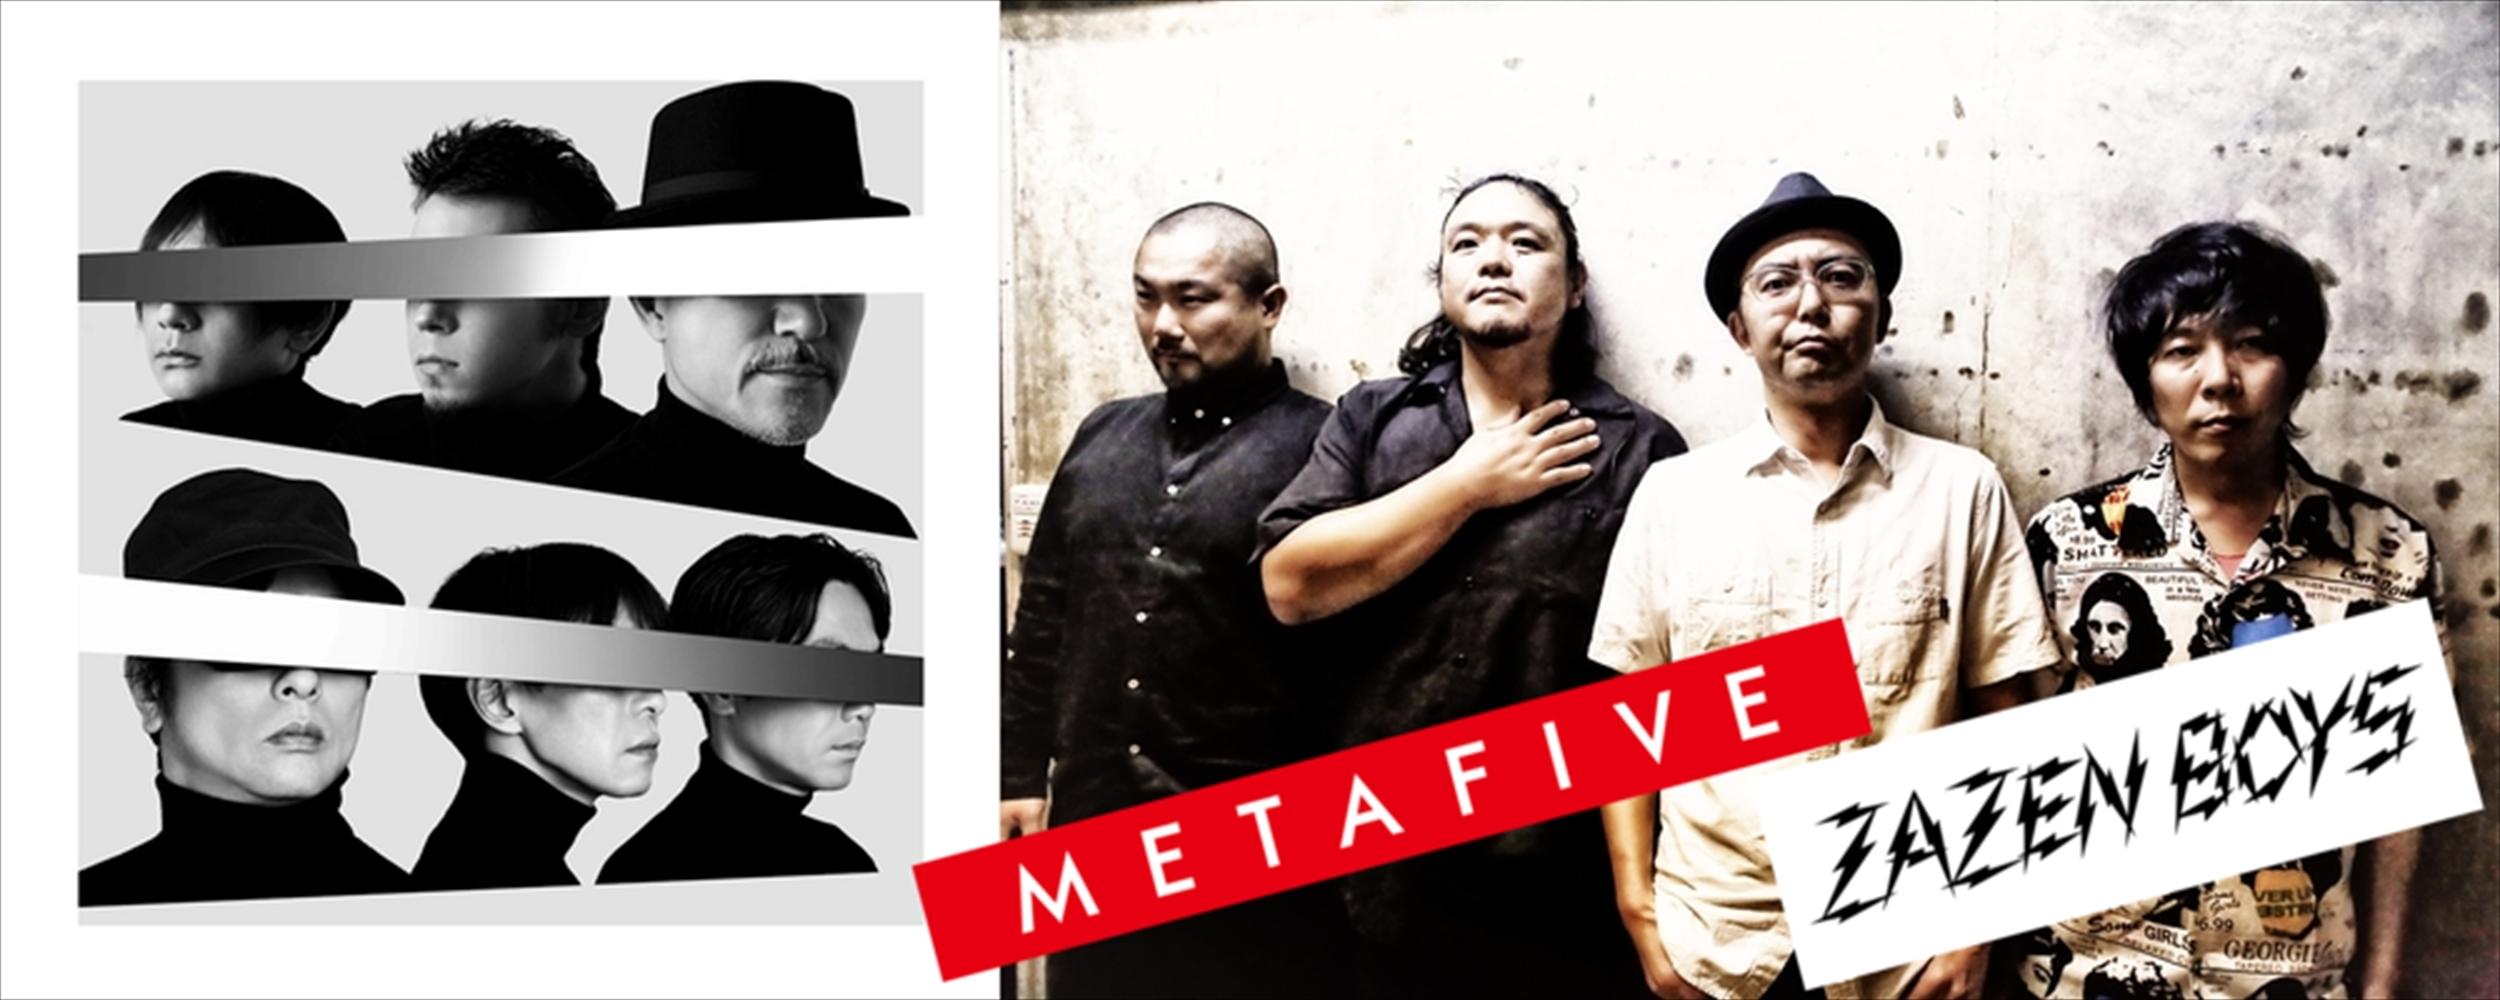 METAFIVE / ZAZEN BOYS